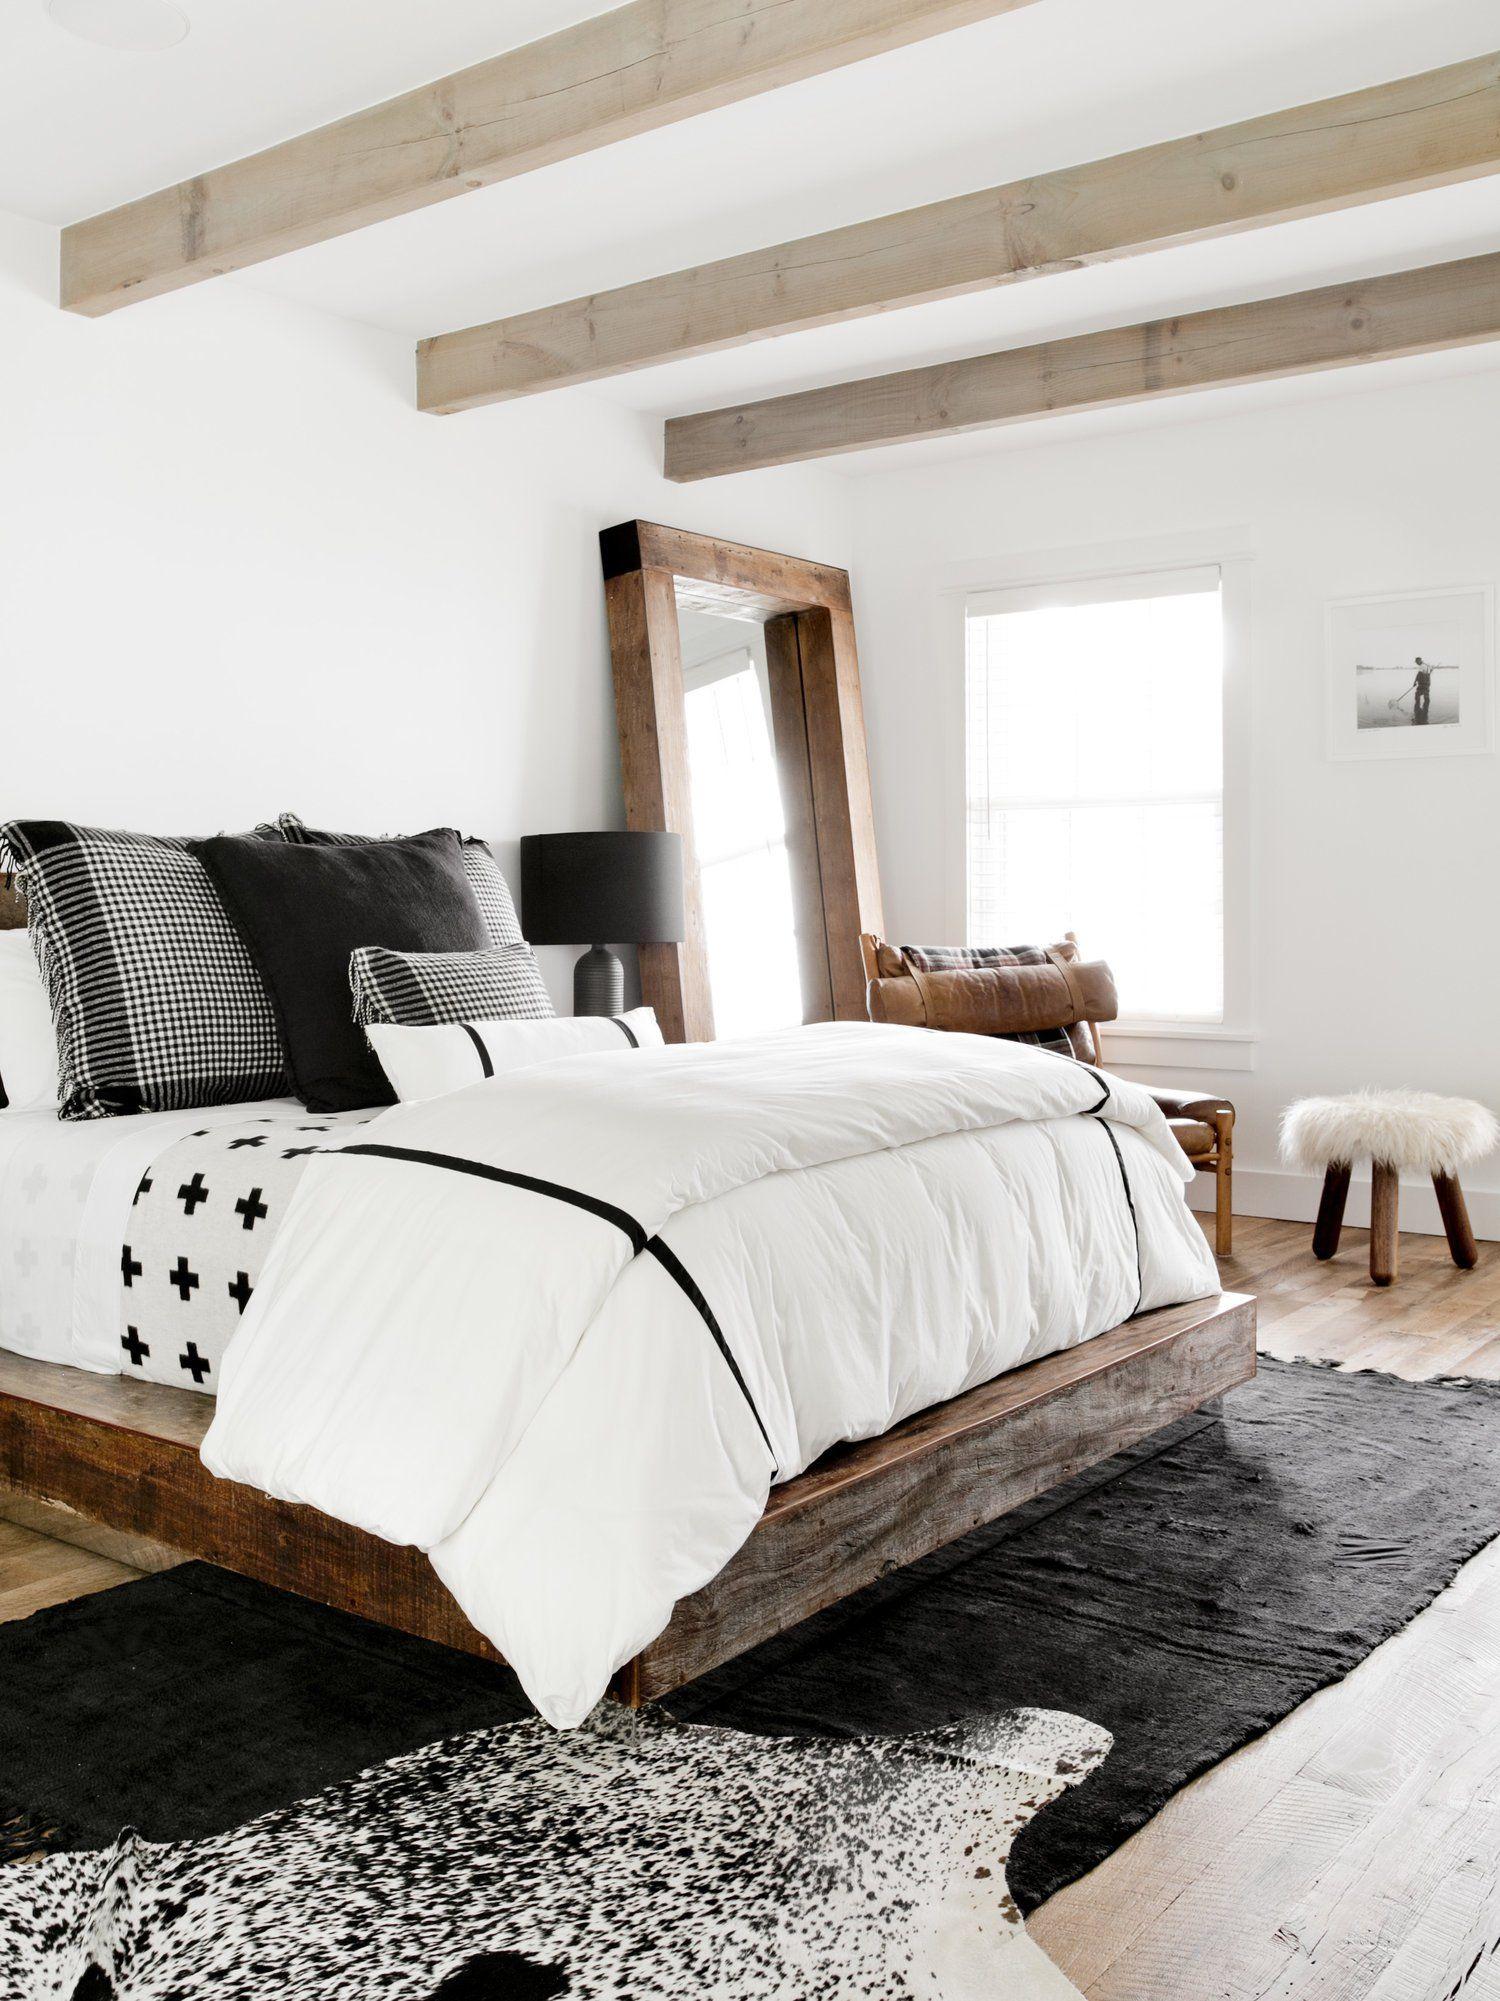 спаРьня потоРок баРки шкура кровать подушки текстиРь напоРьное зеркаРо